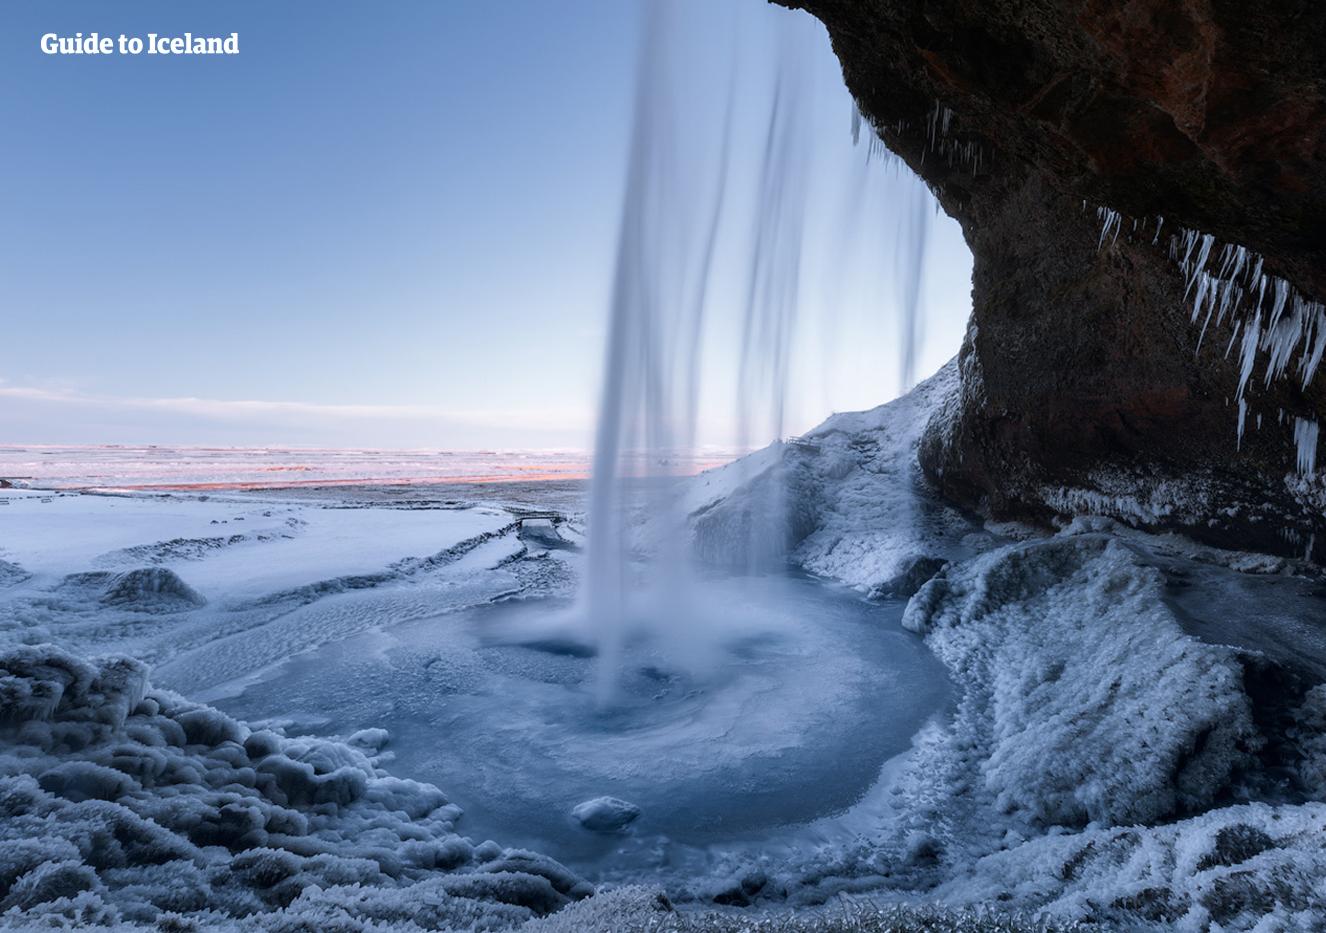 Autotour hiver de 6 jours | Jokulsarlon, Grotte de glace & Plage volcanique - day 3